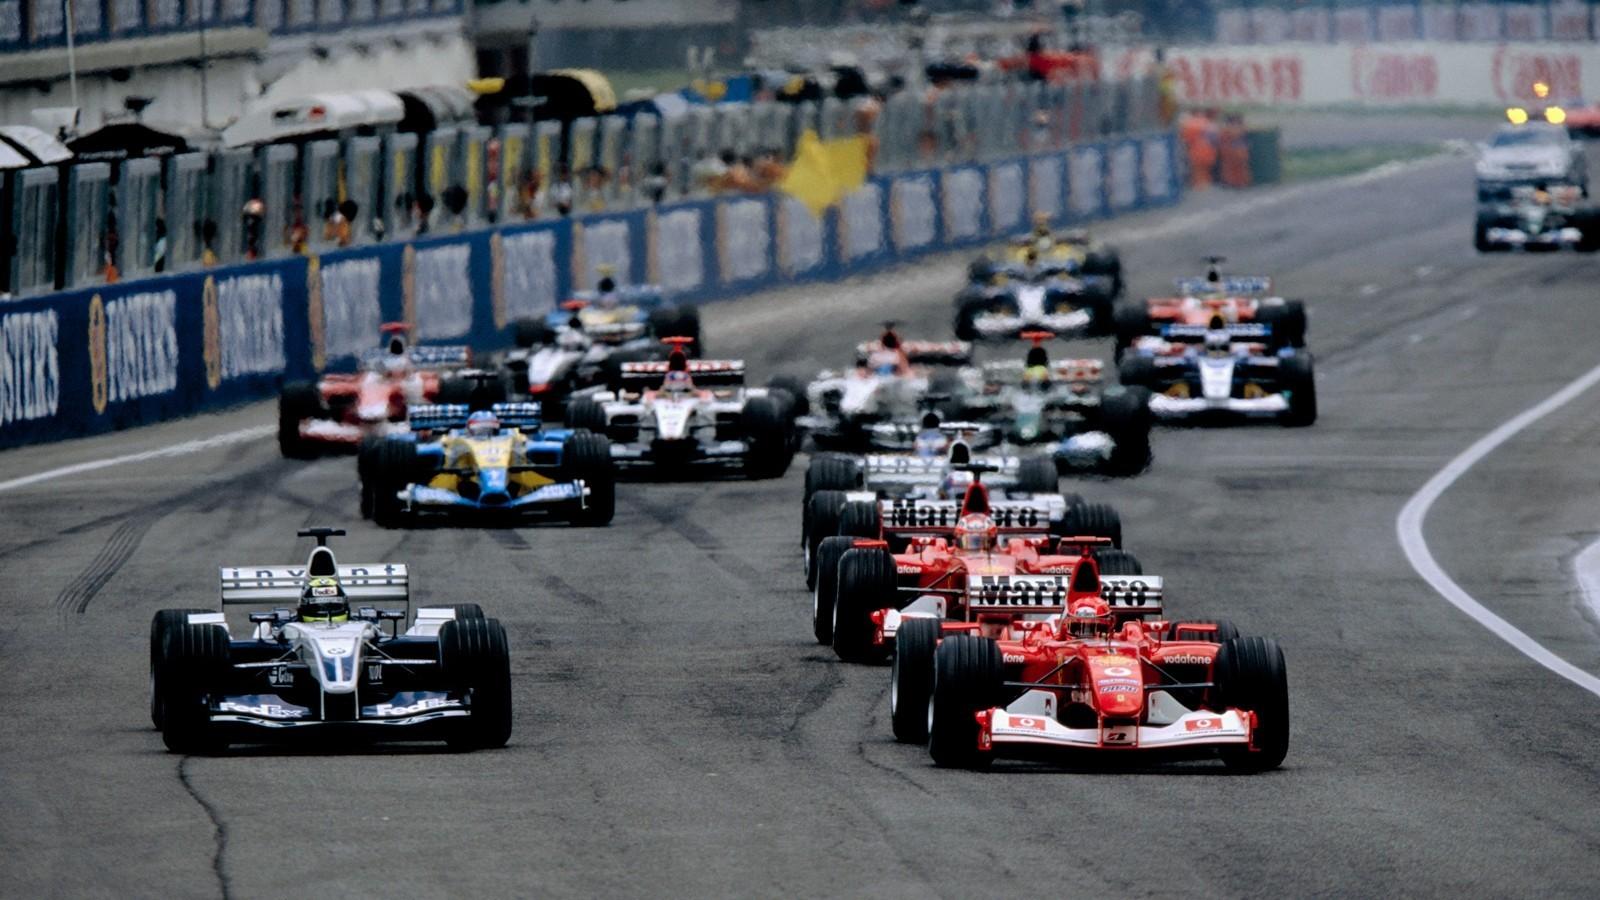 Автодром, на котором проходили Гран-при Сан-Марино, имеет заслуженную славу в Ф-1